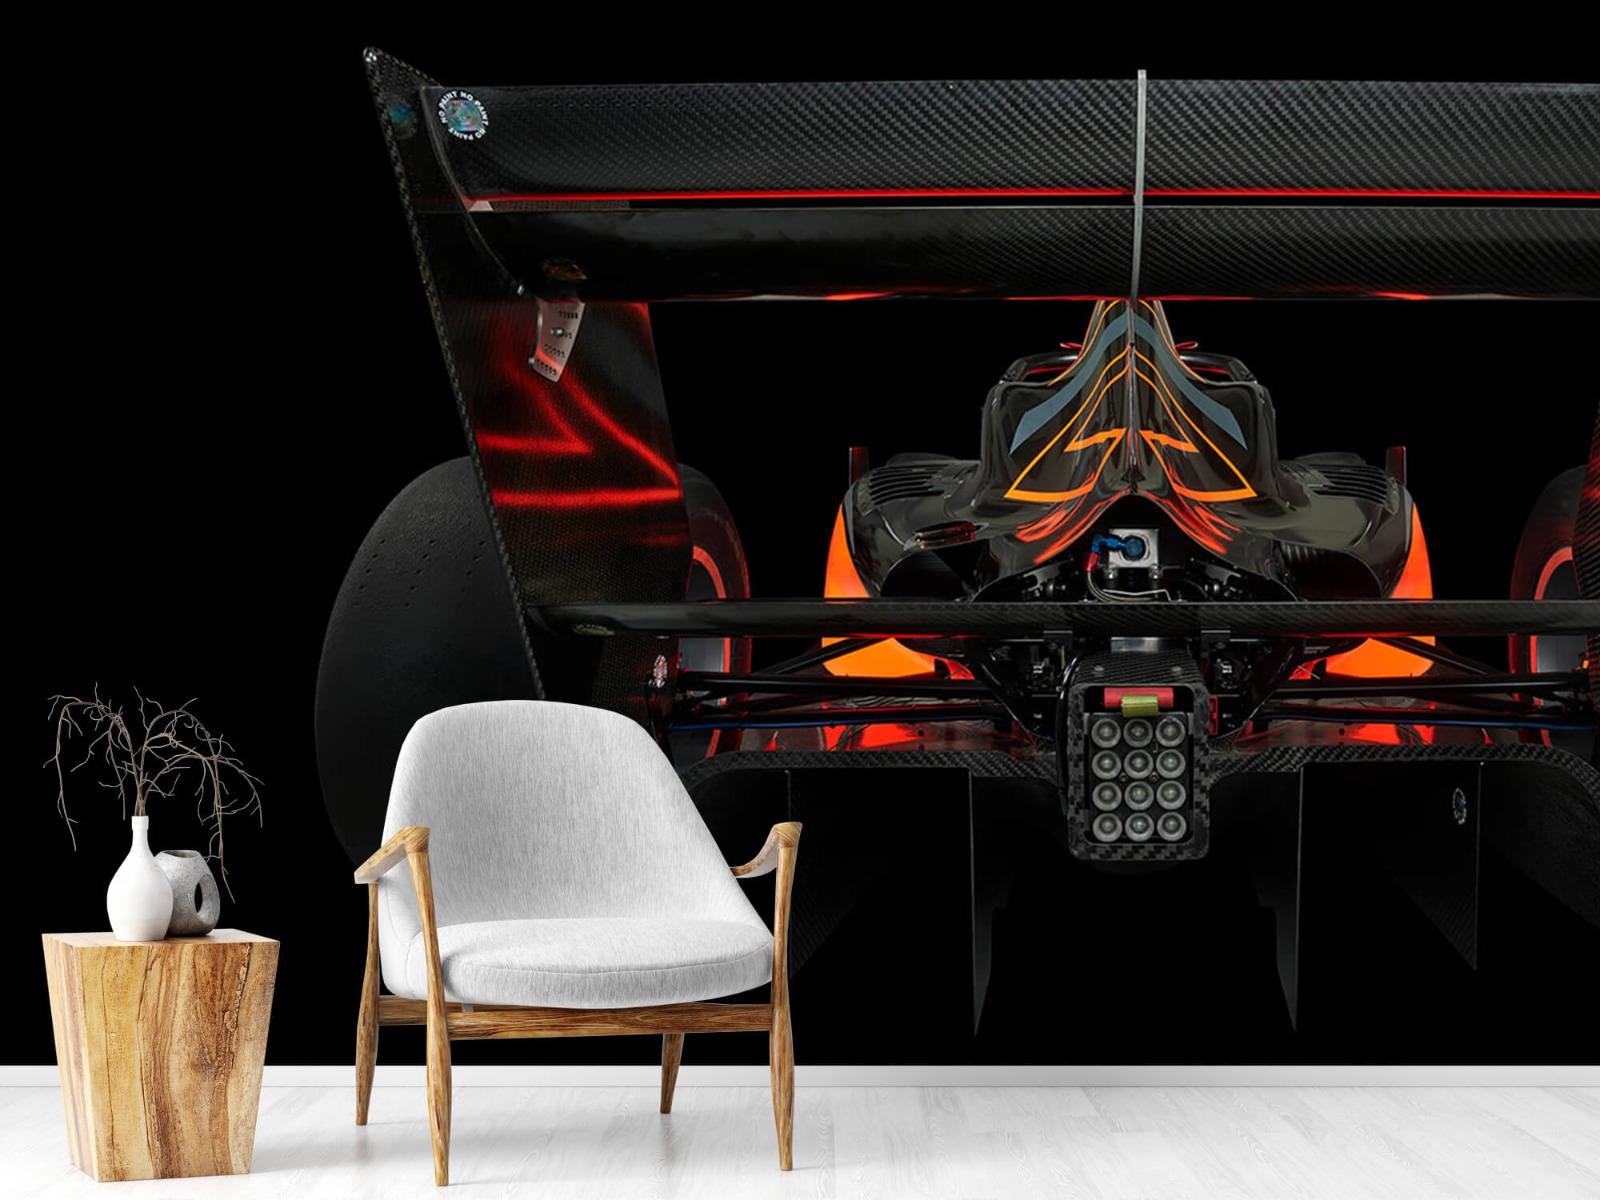 Sportauto's - Formule 3 - Lower rear view - dark - Garage 17